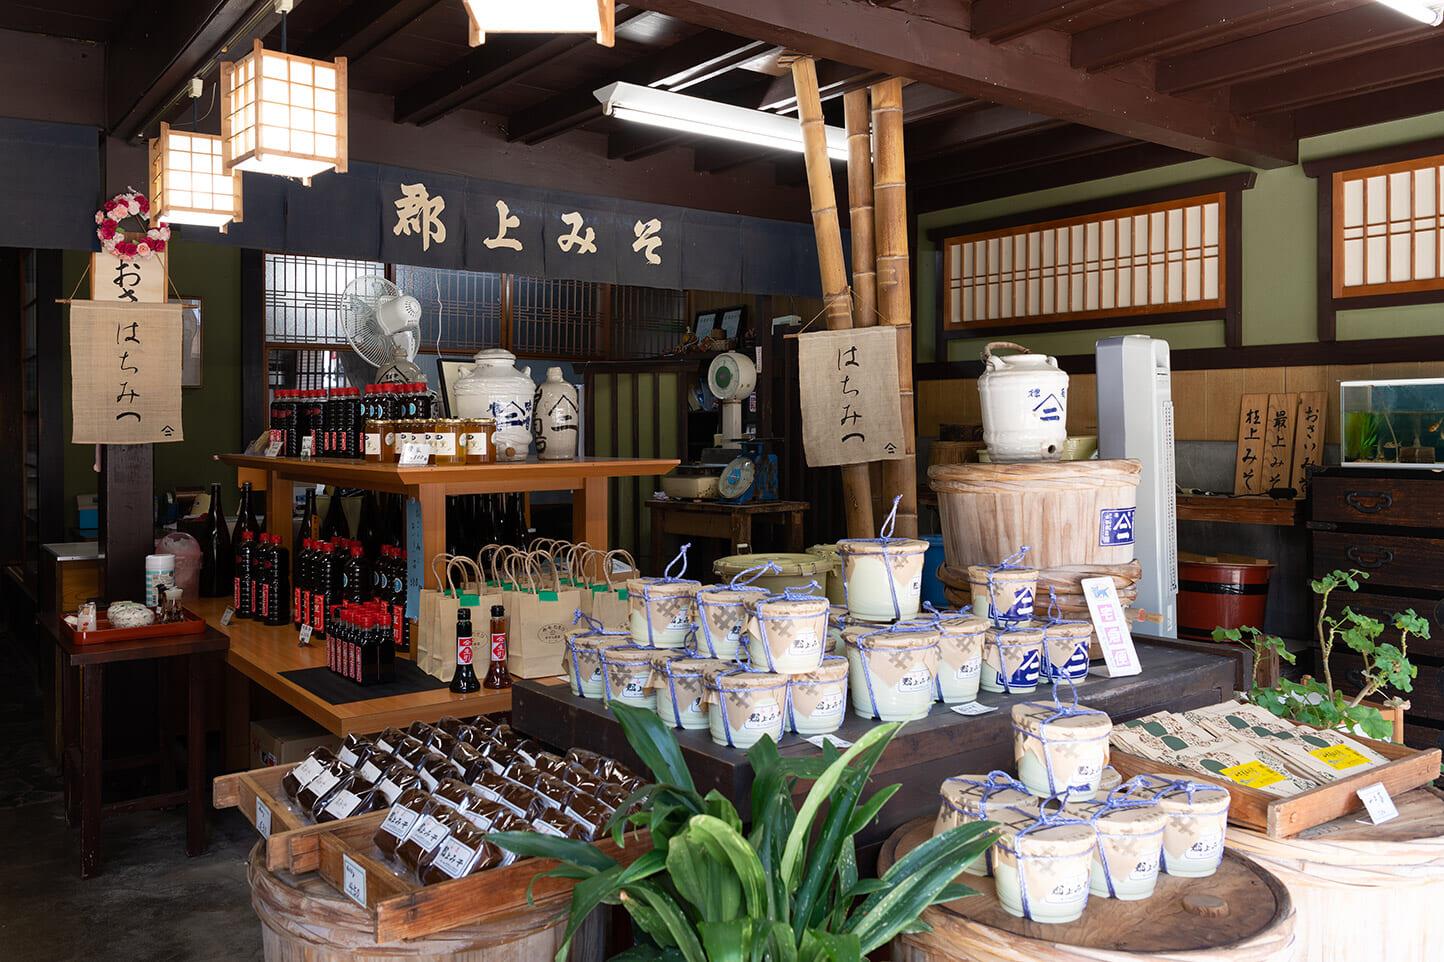 ヤマニ商店 スライダー画像2